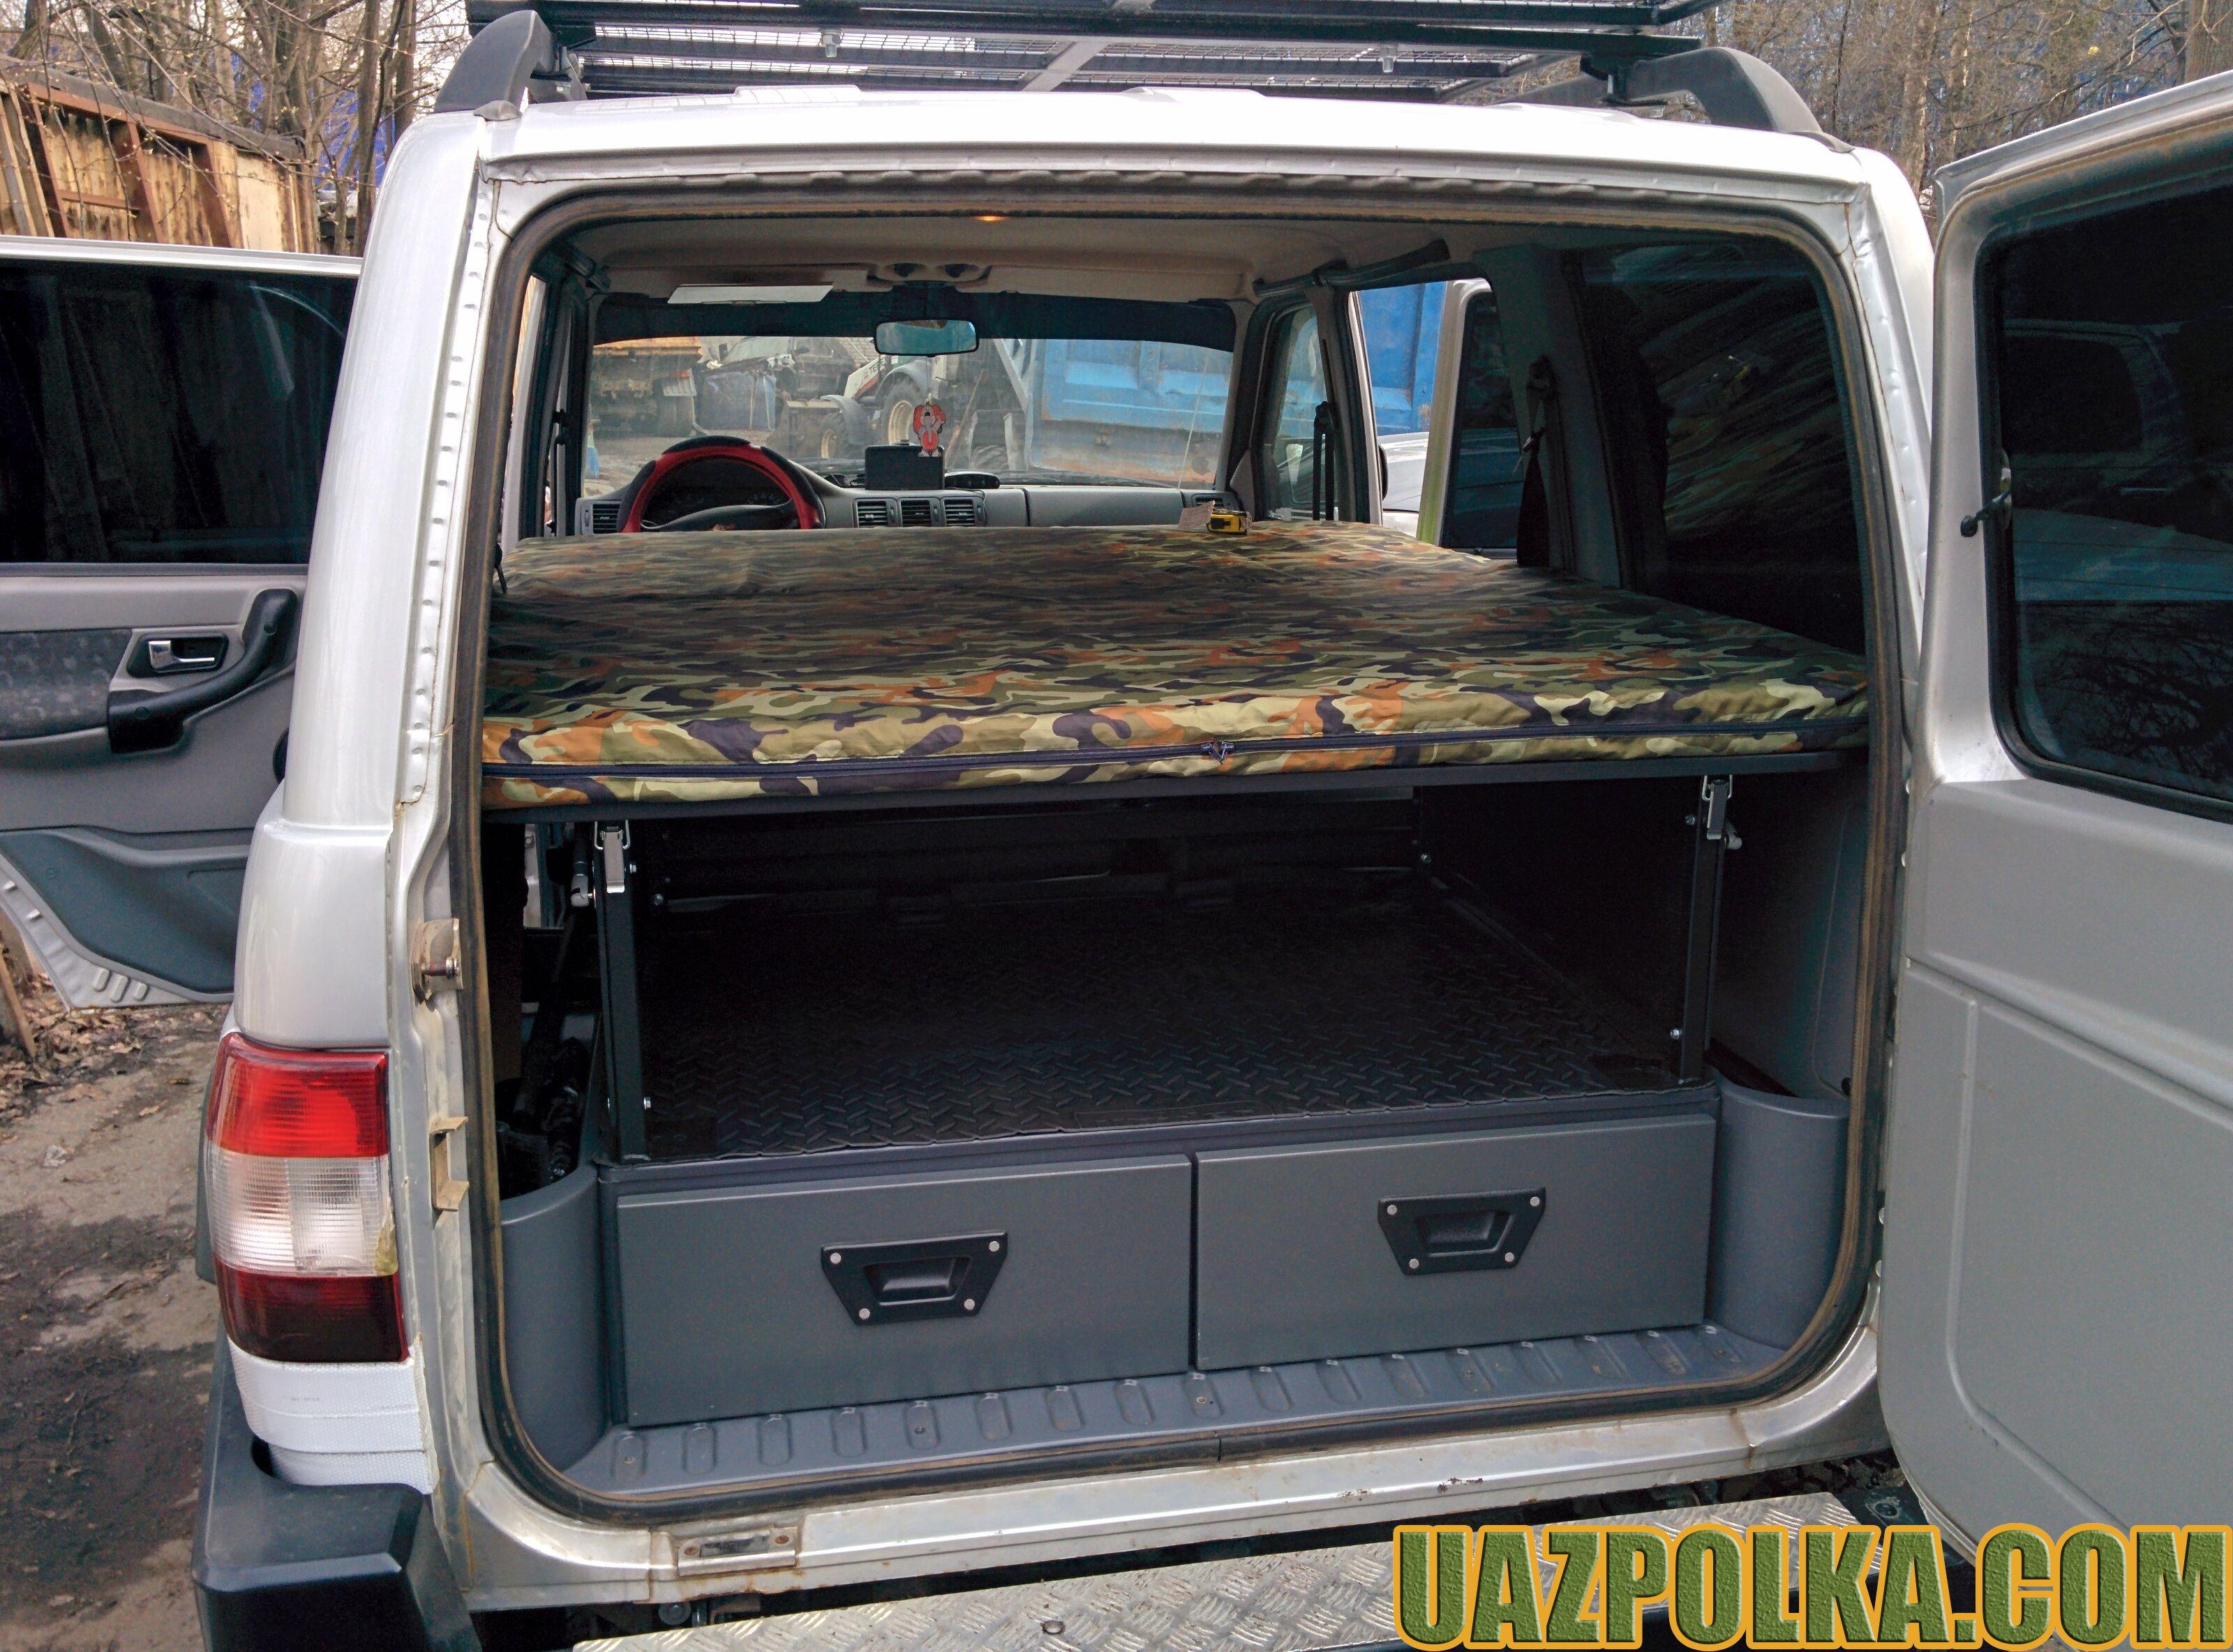 Полка Эконом New с лежанкой на ящиках стороннего производителя_08